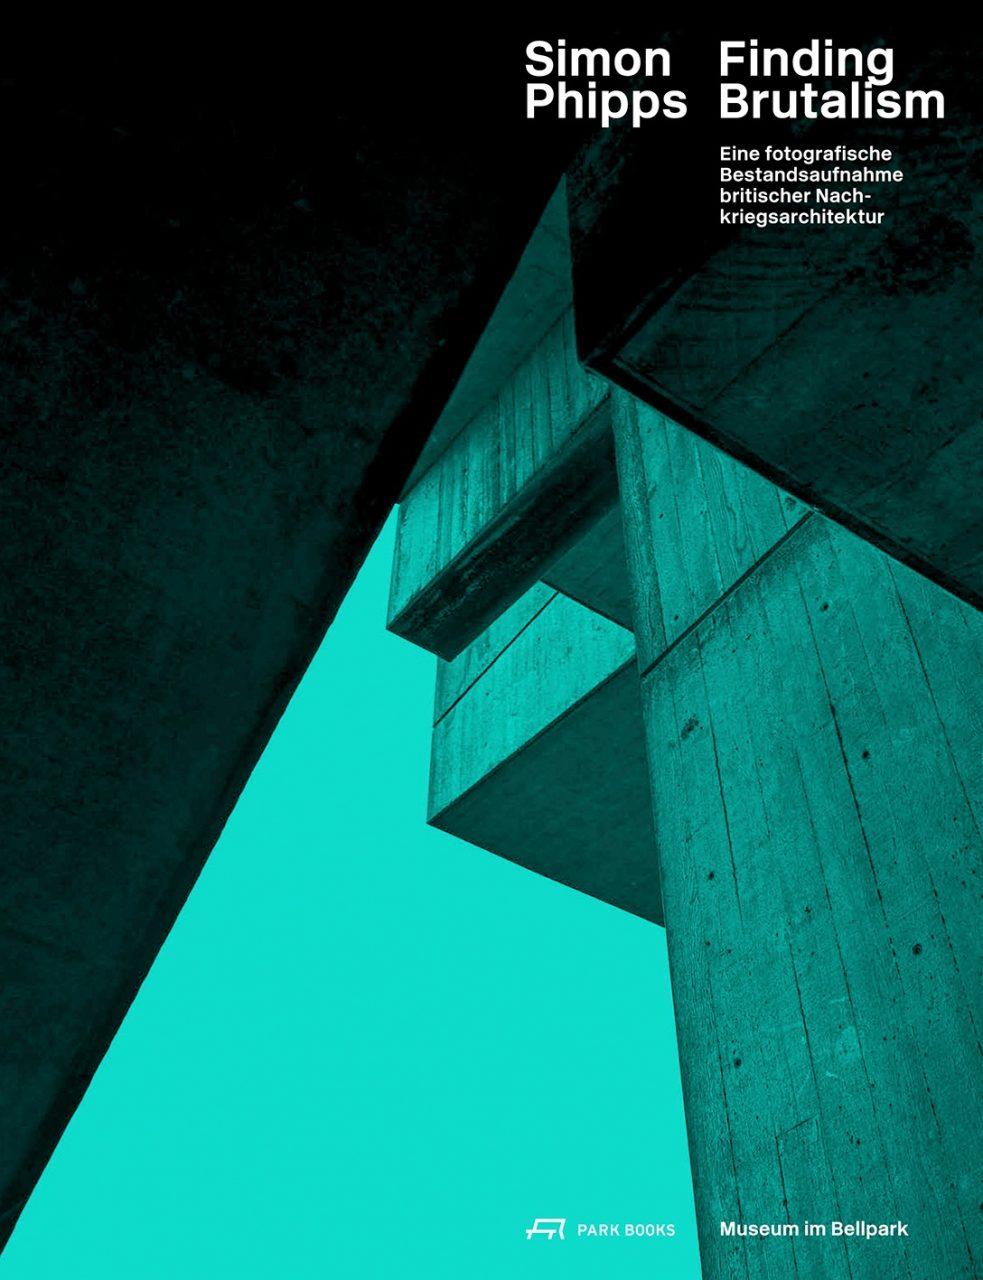 Finding Brutalism. Herausgegeben von Hilar Stadler und Andreas Hertach. Fotografien von Simon Phipps. Erschienen bei Park Books und zur gleichnamigen Ausstellung im Museum im Bellpark, Kriens vom 29. August bis 29. Oktober 2017.